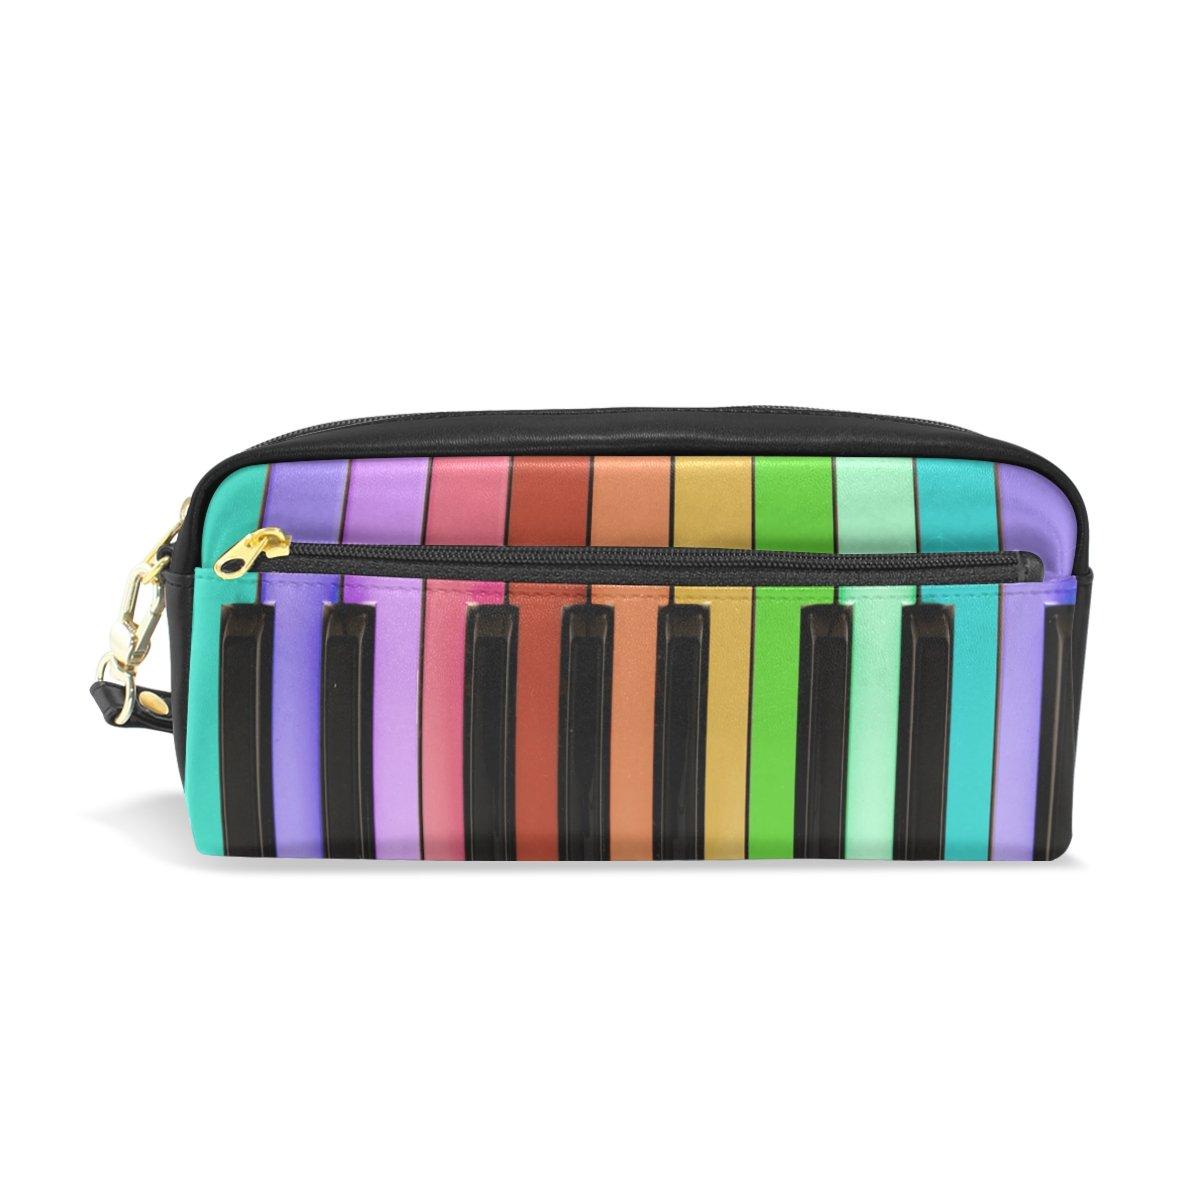 Handtasche Mädchen Geldbörse Klaviertasten Muster Polyurethan-Leder 3 Farben